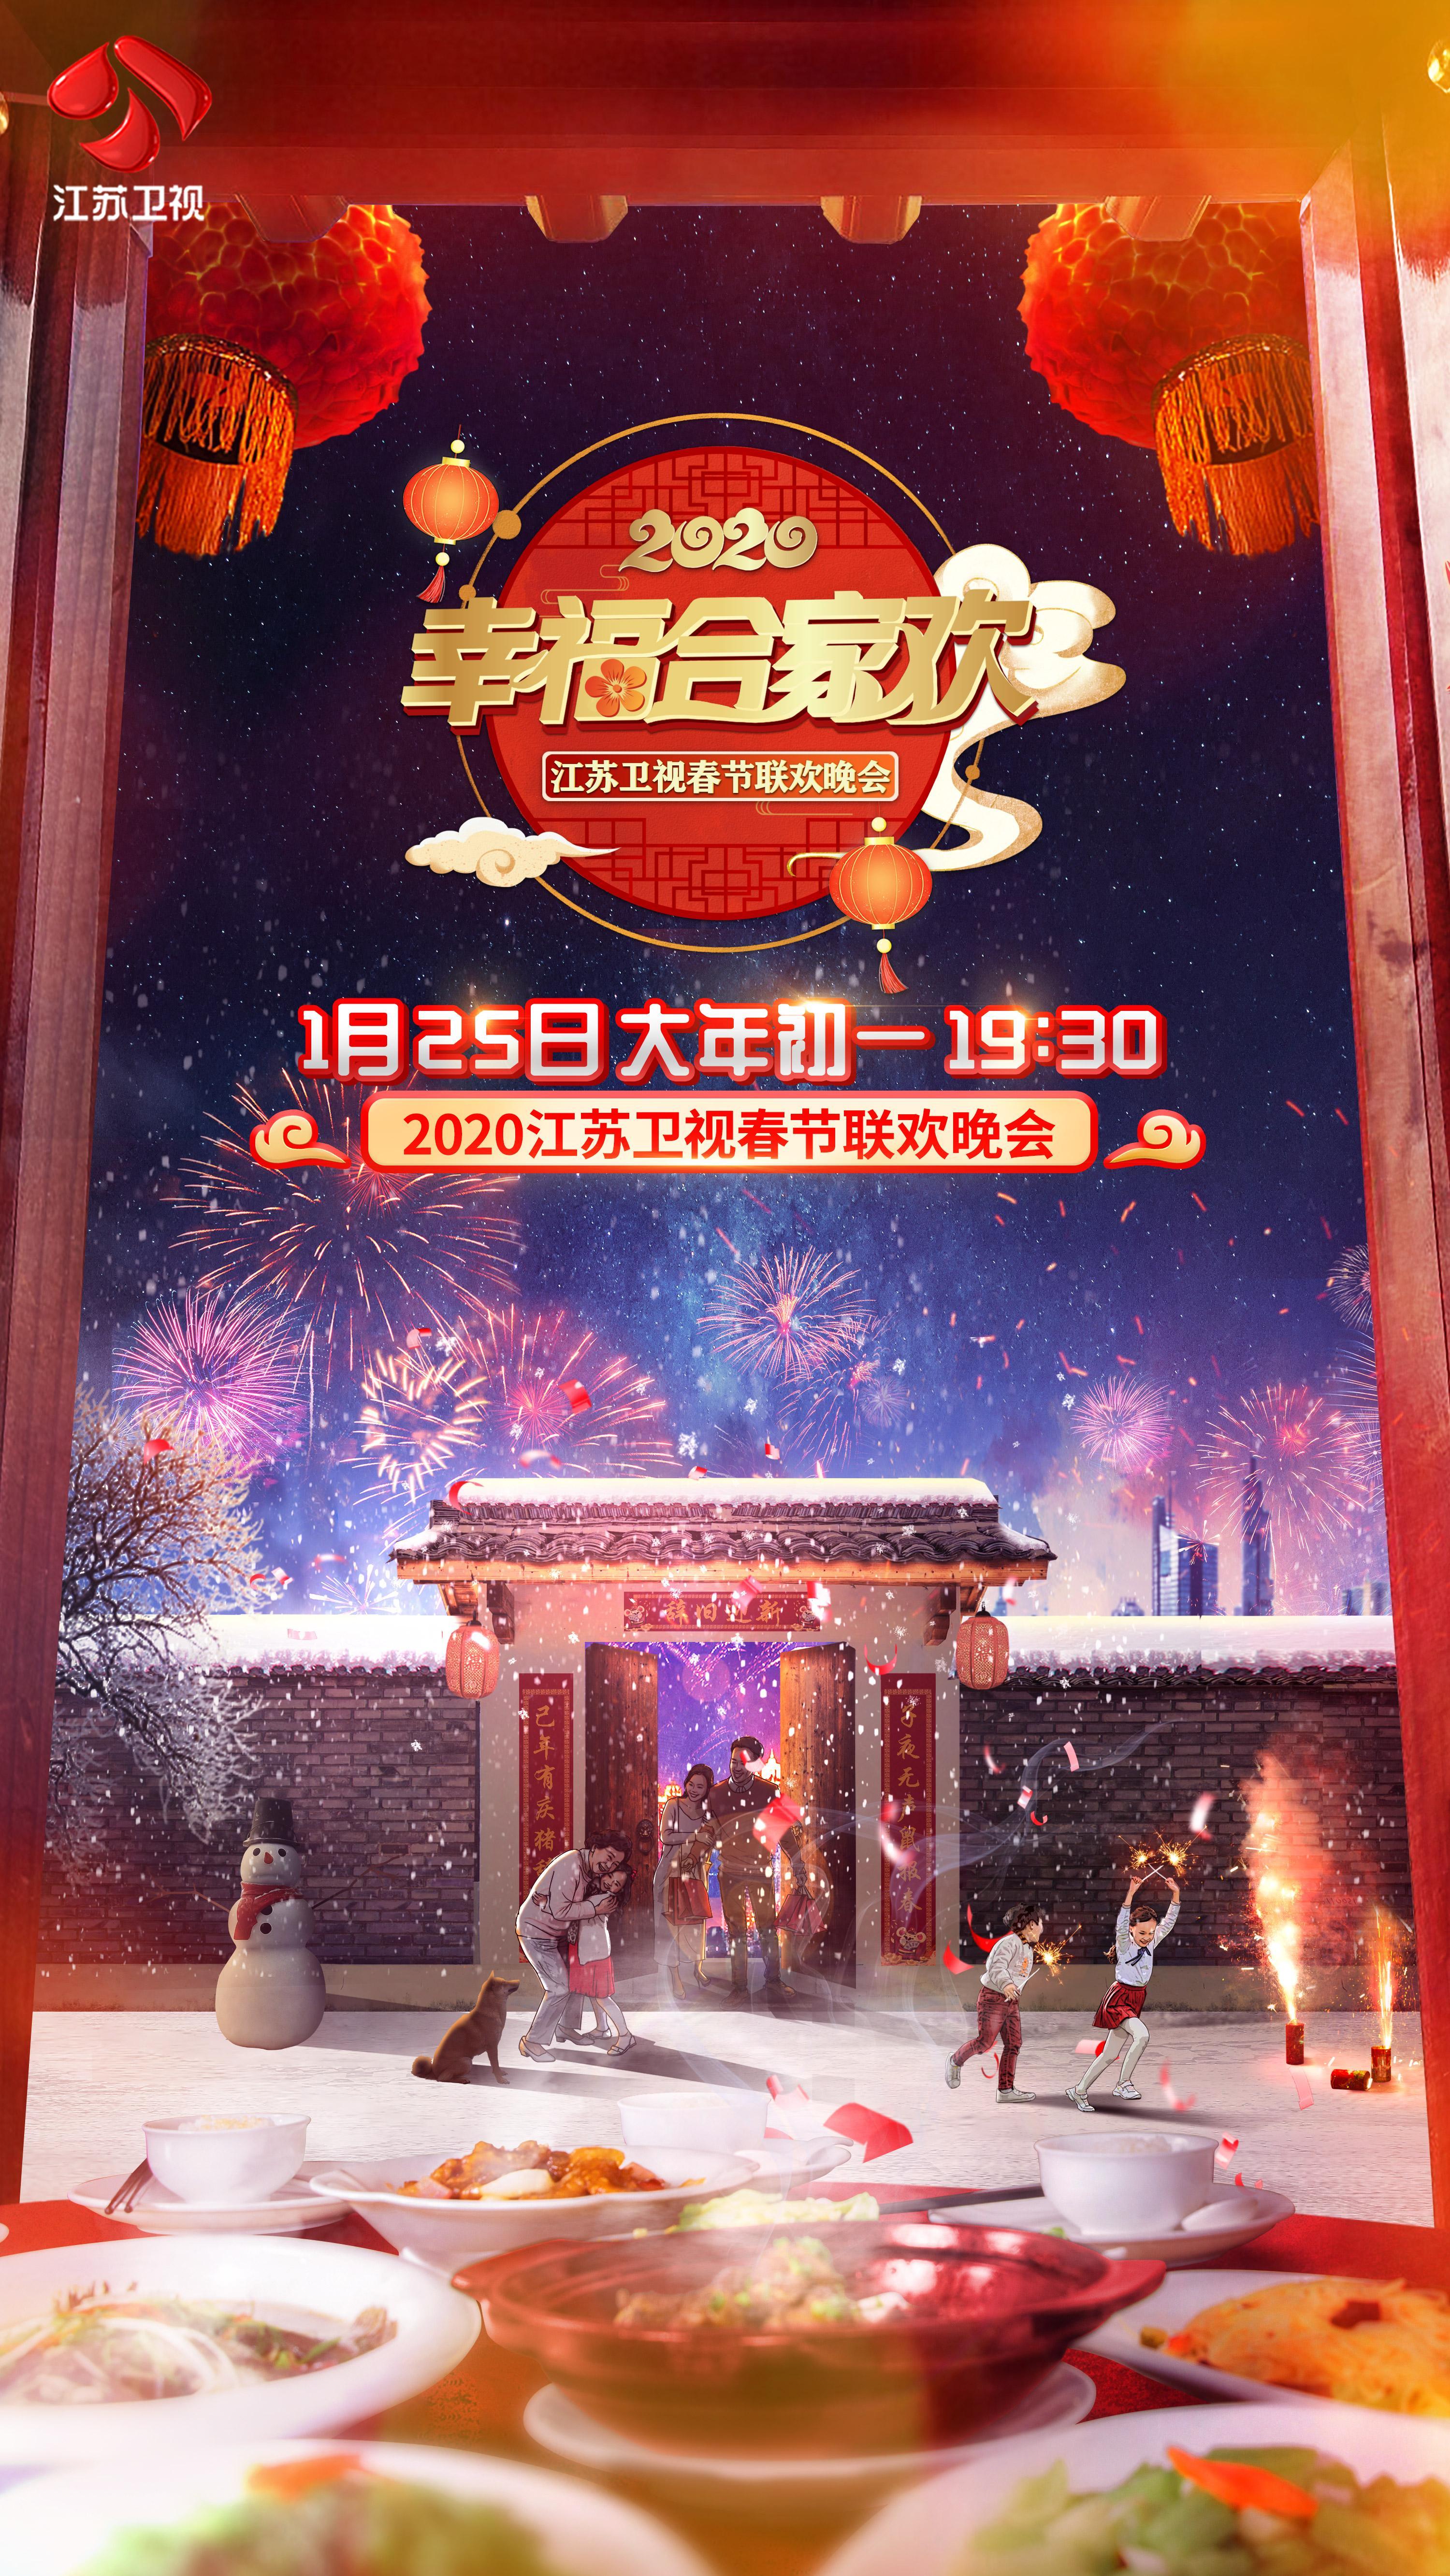 跨年方唱罢春晚又登场!2020江苏卫视春晚正式启动刘宇宁、赵露思重磅加盟_音乐